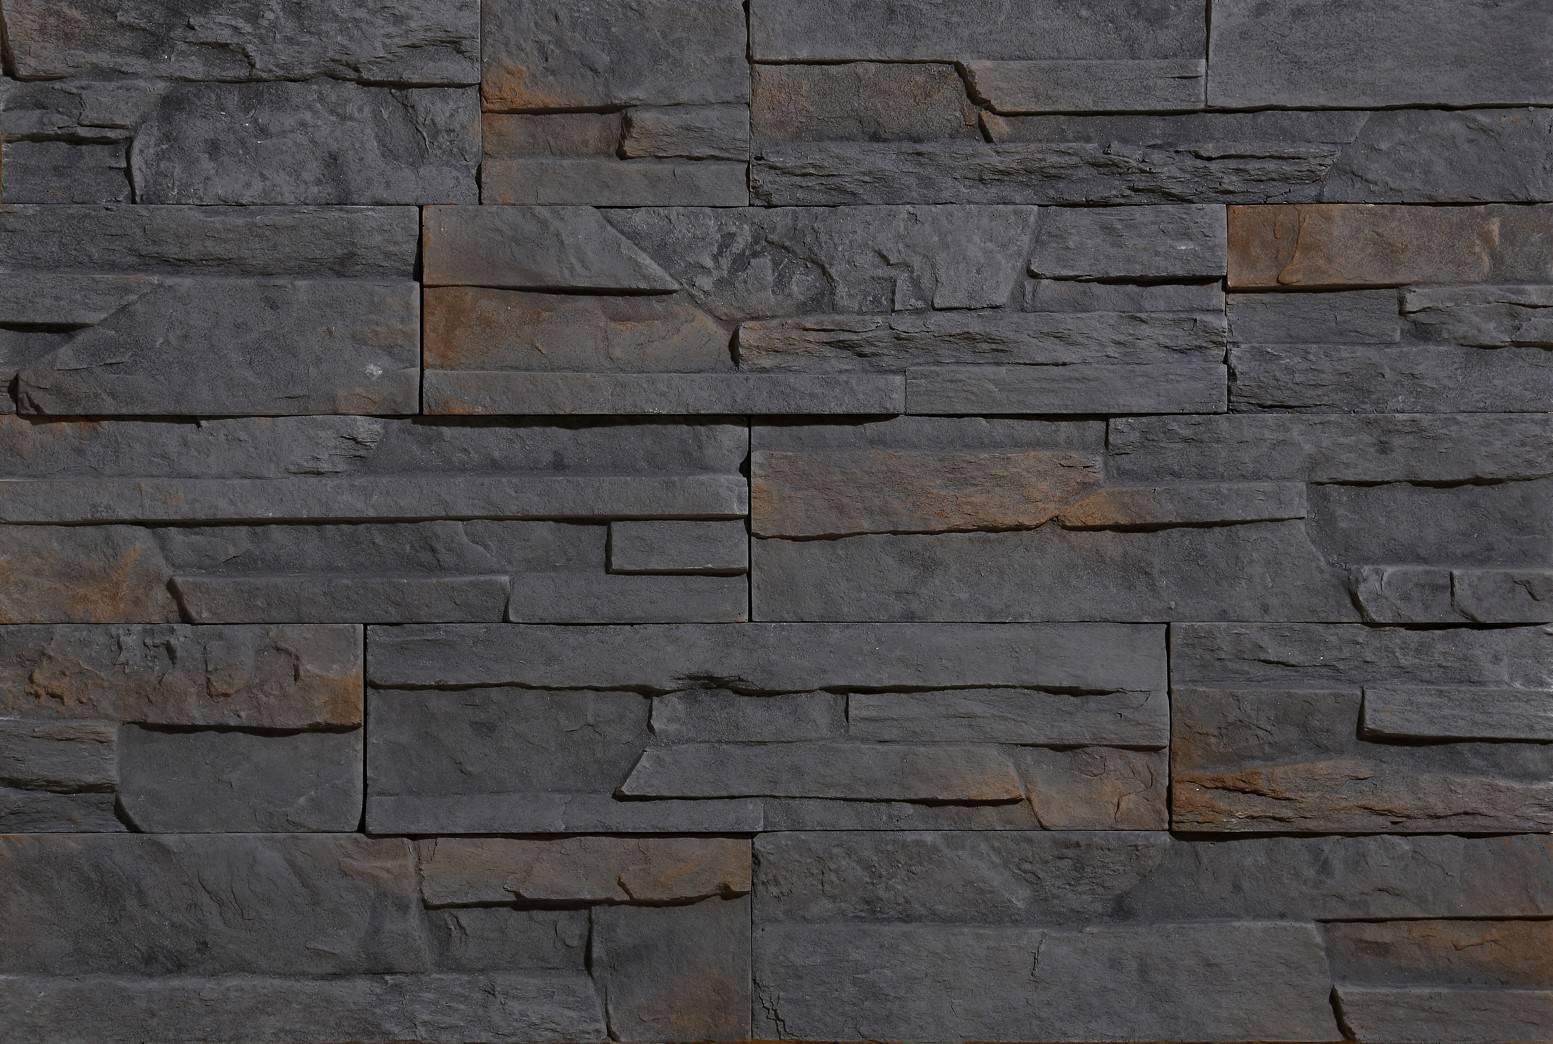 LIPEA - Nepal 3 - GREY, betonový obklad imitující kámen/ kamenný obklad z lehčeného betonu www.lipea.cz